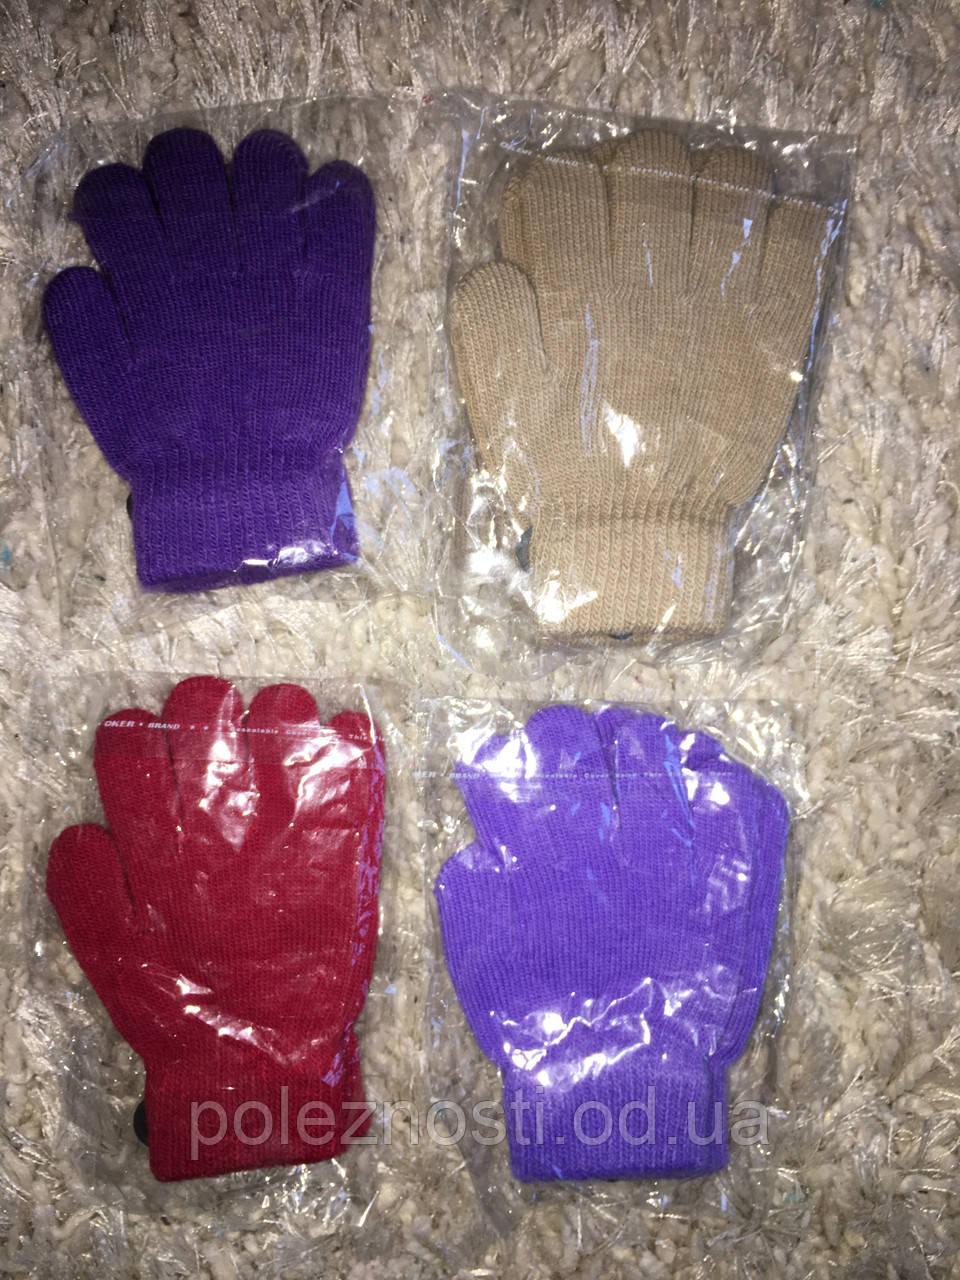 Перчатки детские, однотонные, 3-5 лет (расцветки в наличии 1 фото)